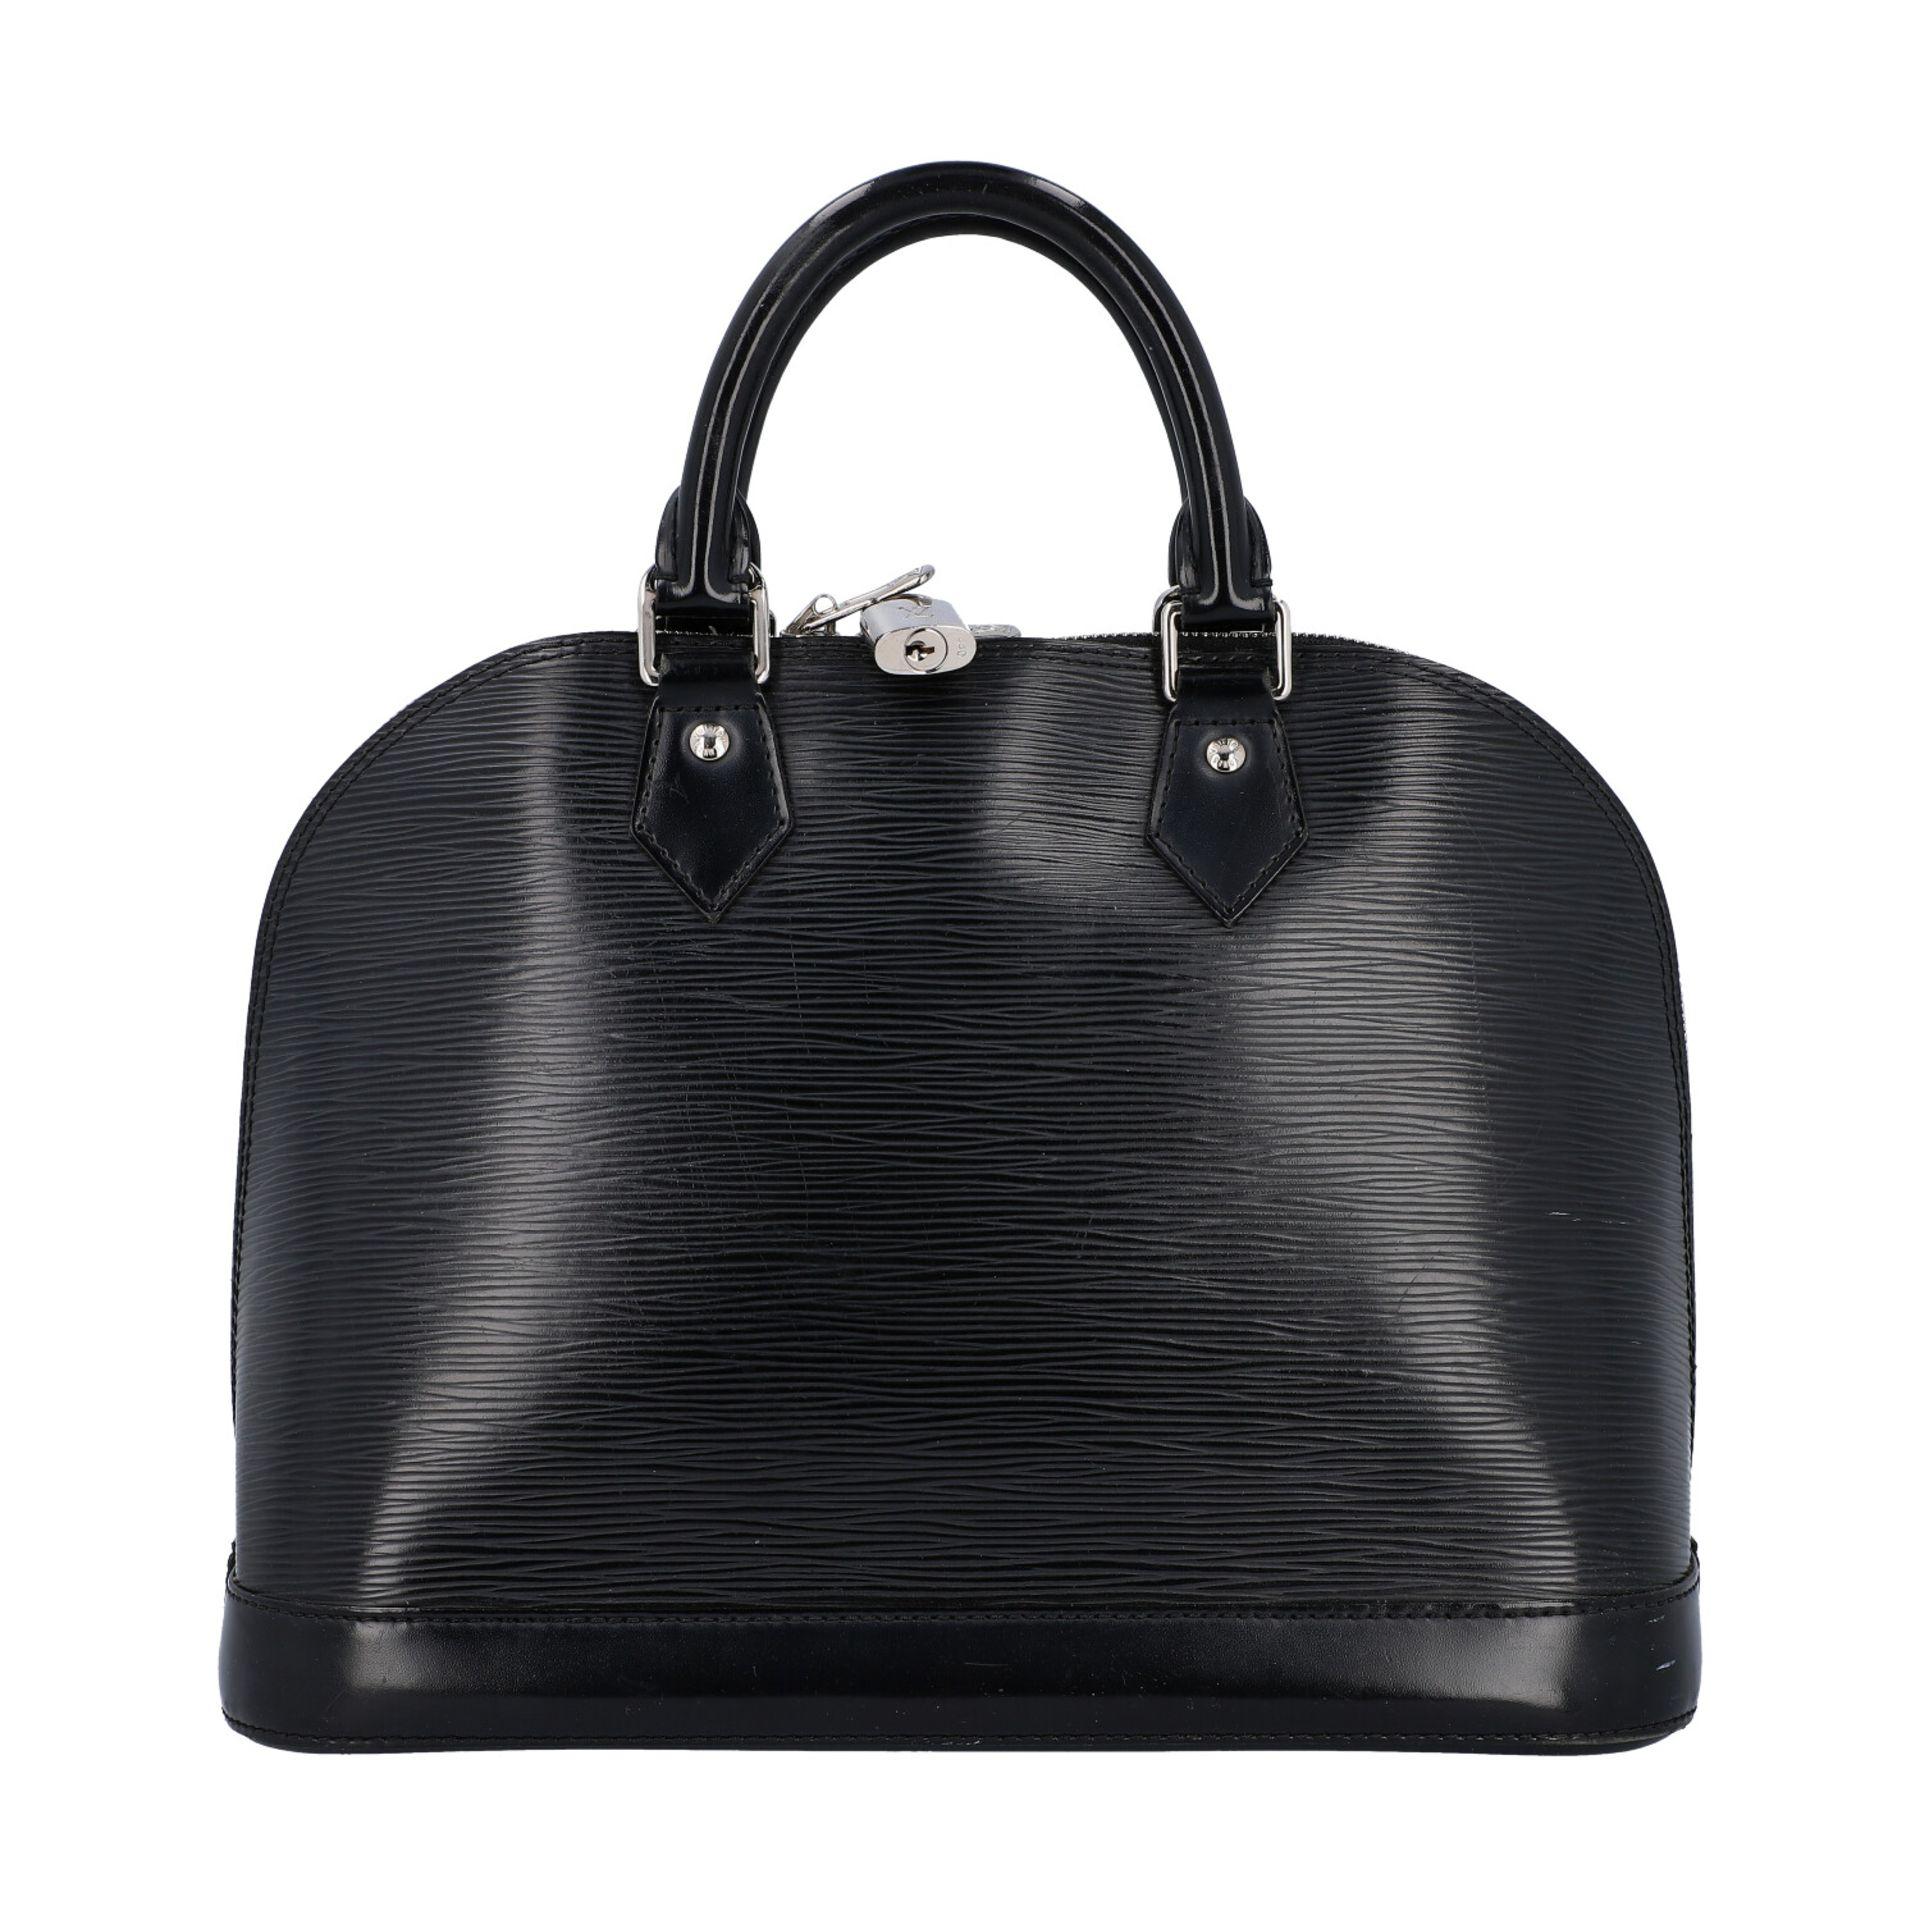 """LOUIS VUITTON Handtasche """"ALMA PM"""", Koll. 2011.Akt. NP.: 1.680,-€. Epi Leder Serie in Schwarz mit - Bild 4 aus 8"""